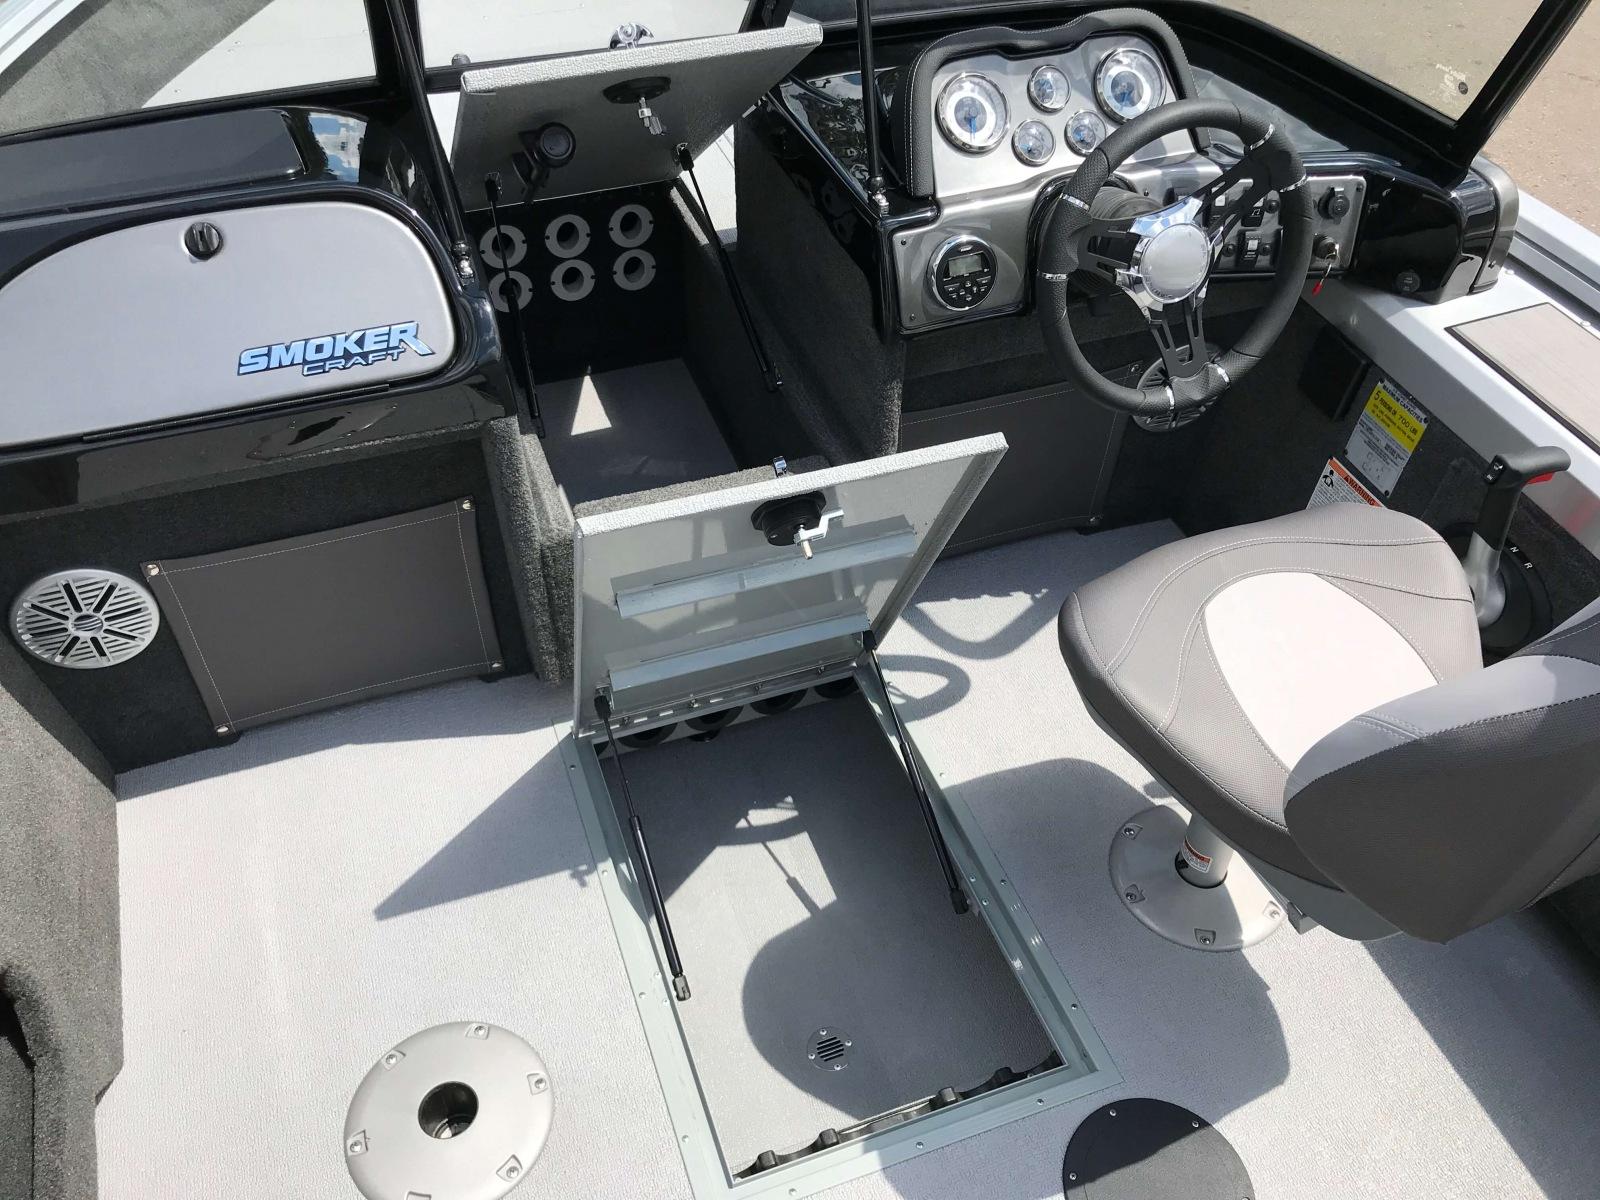 2019-SmokerCraft-162-Pro-Angler-XL-Fishing-Boat-17